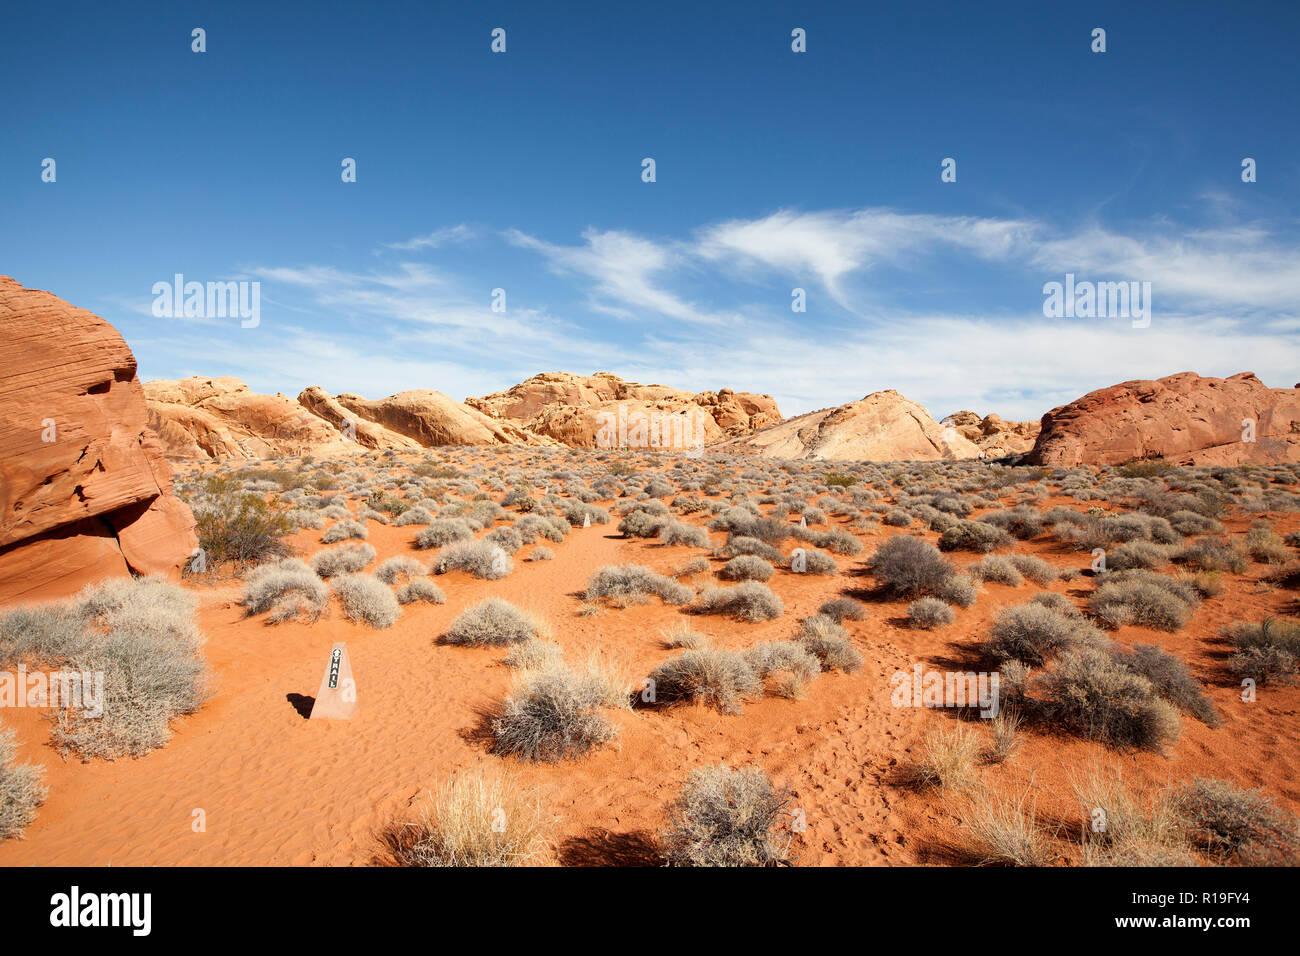 Le Rainbow Vista sentier dans la Vallée de Feu State Park dans le Nevada est un sentier de randonnée modérée dans les zones arides et des conditions chaudes Banque D'Images